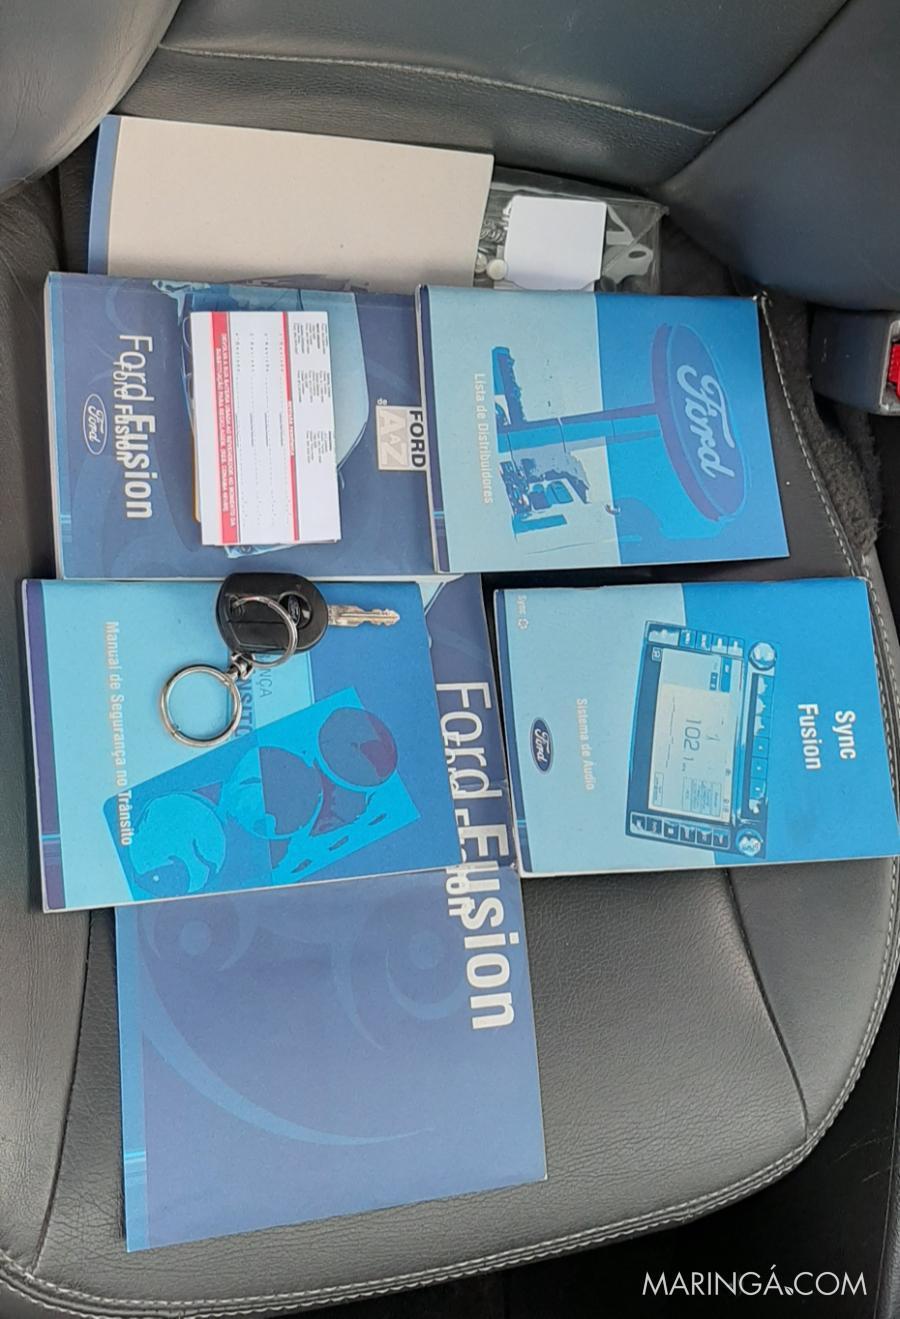 FUSION AWD 3.0 V6 AUTOMATICO 2010 TETO SOLAR, BEM CONSERVADO